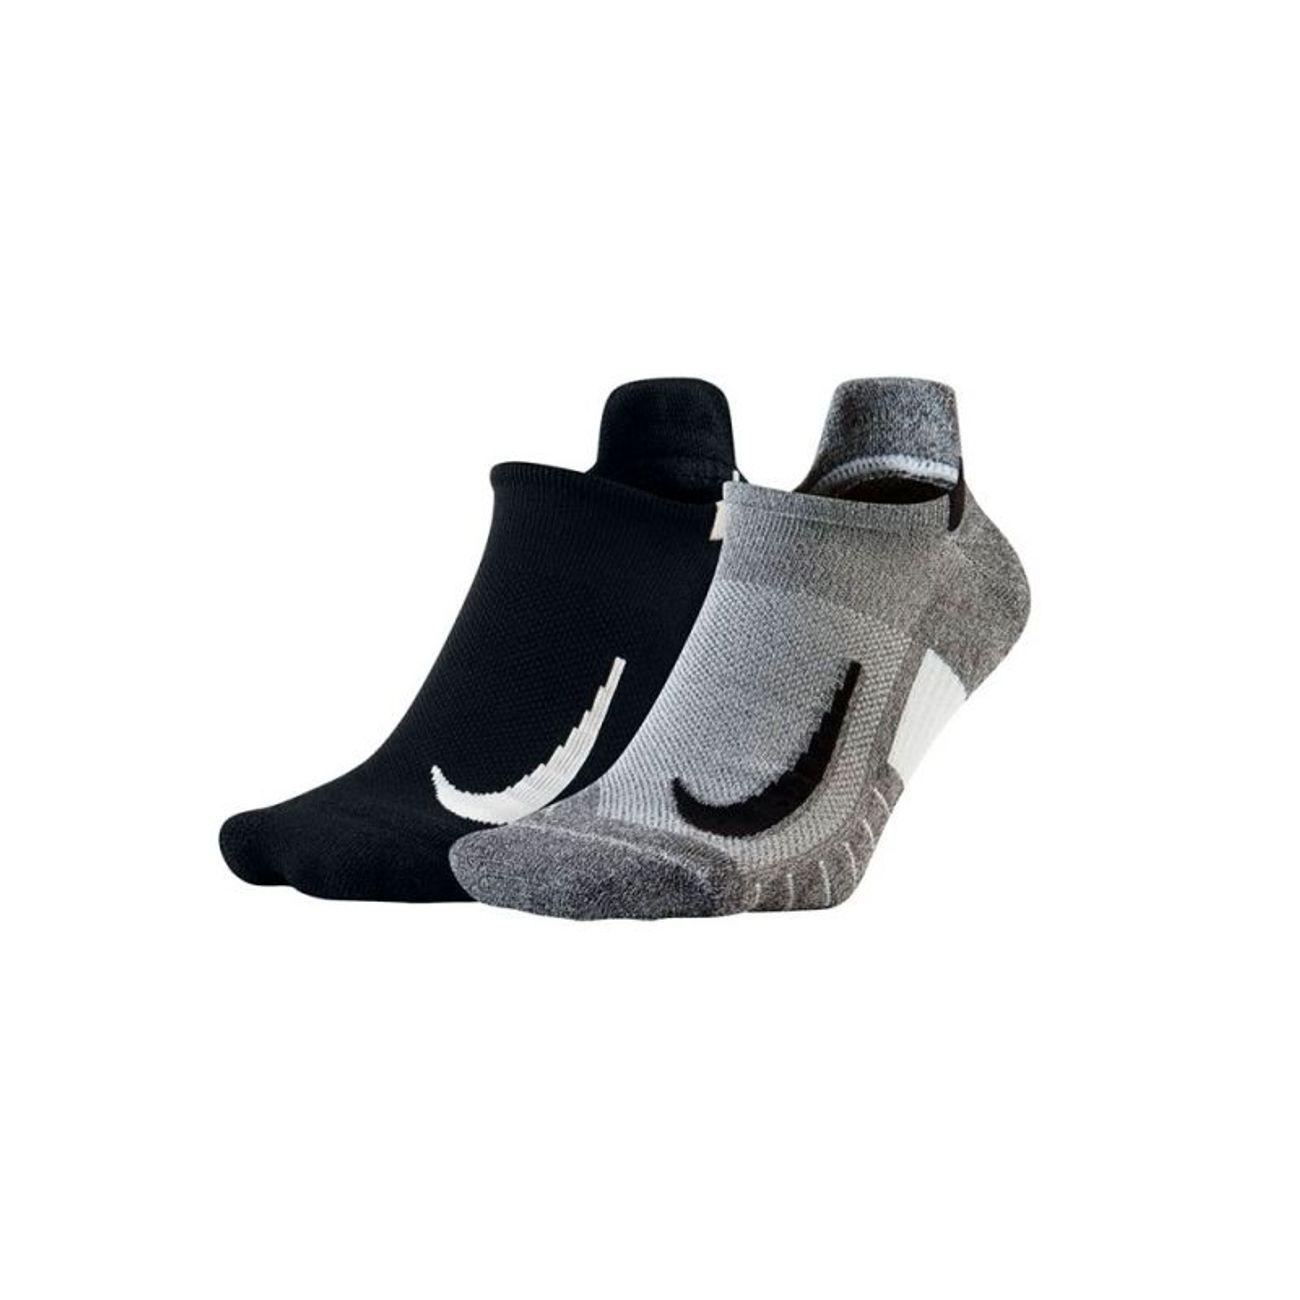 Homme Show 915 Negro Nisx7554 Calcetin 2 Nike Multiplier Padel Gris Paquete Pares No QtshdCxr